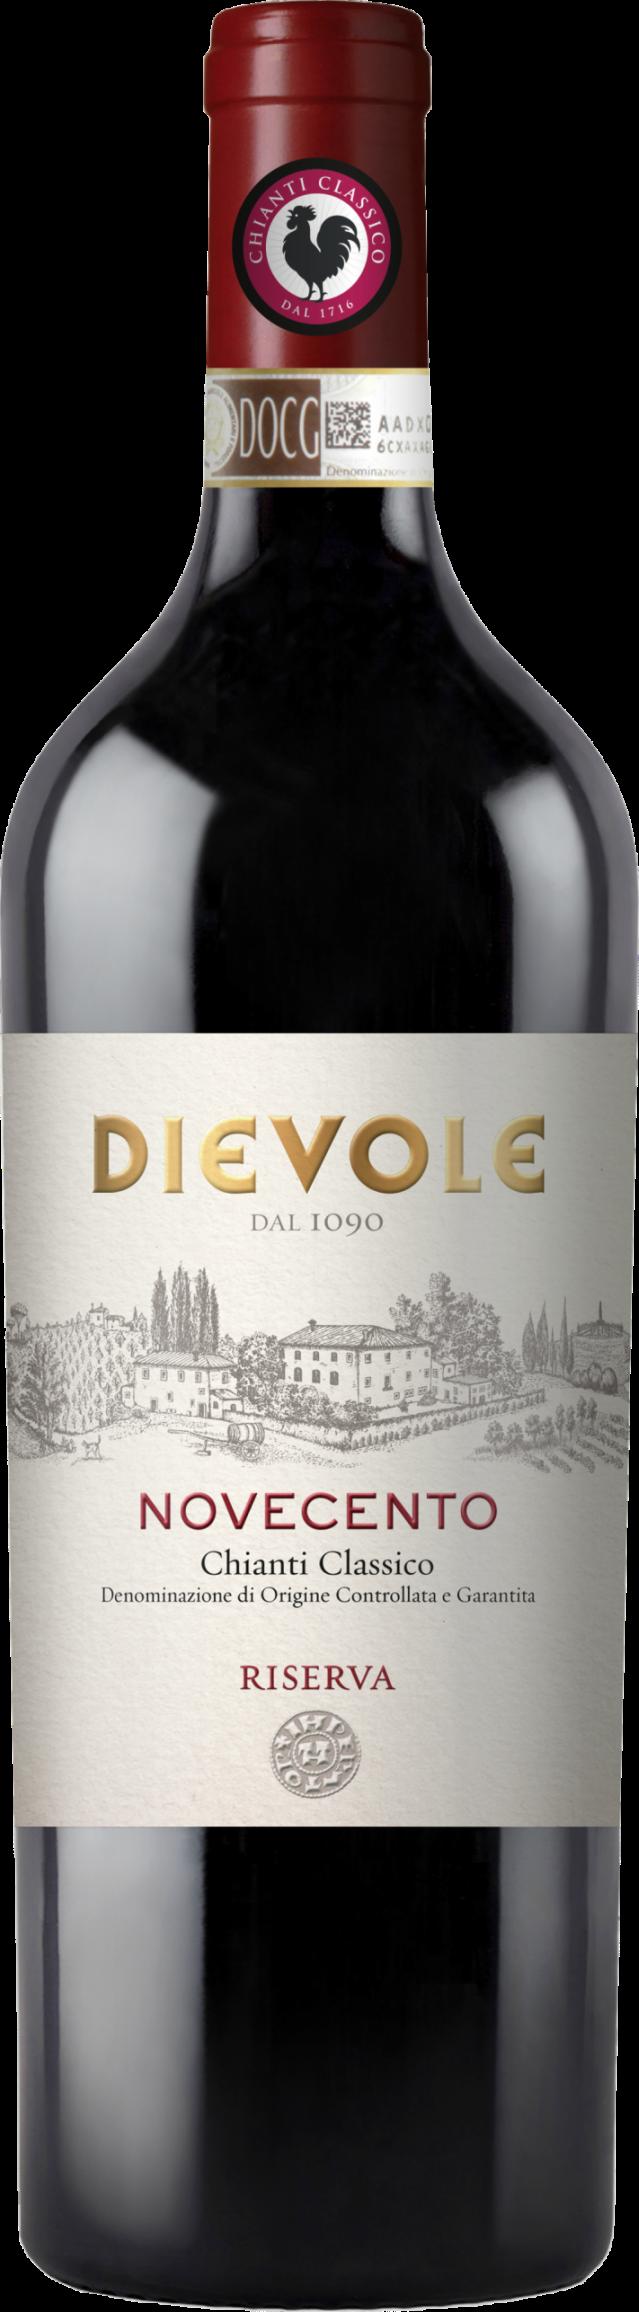 Novecento Chianti Classico Riserva DOCG 2015